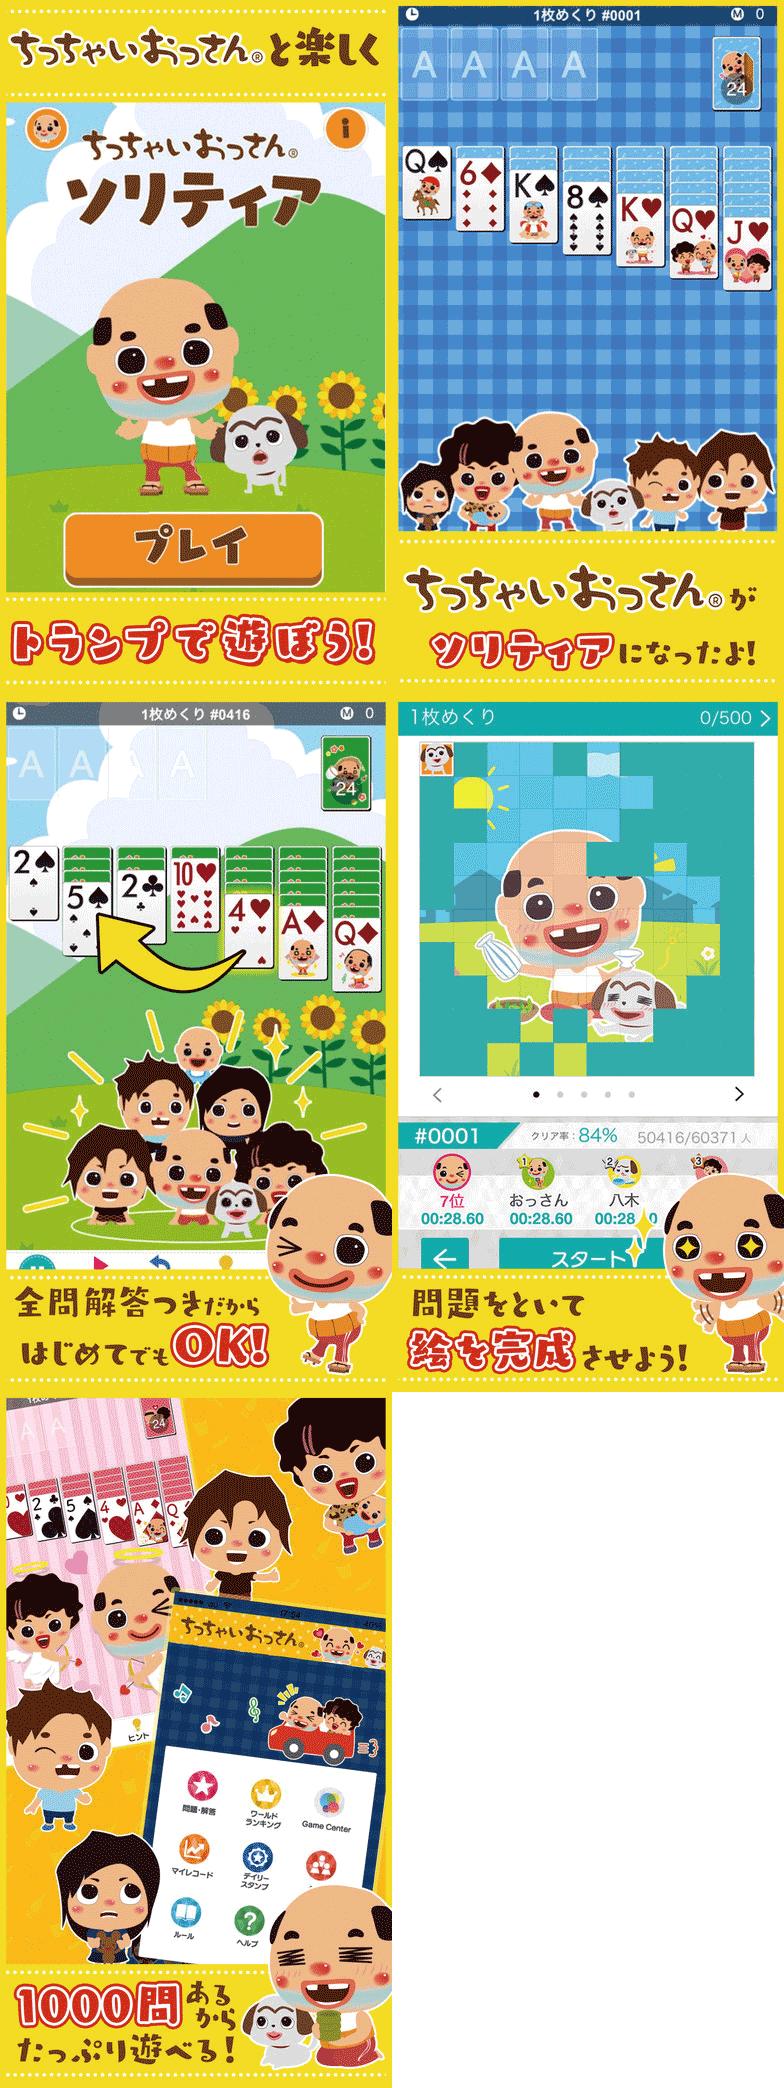 shinchaku_20160419